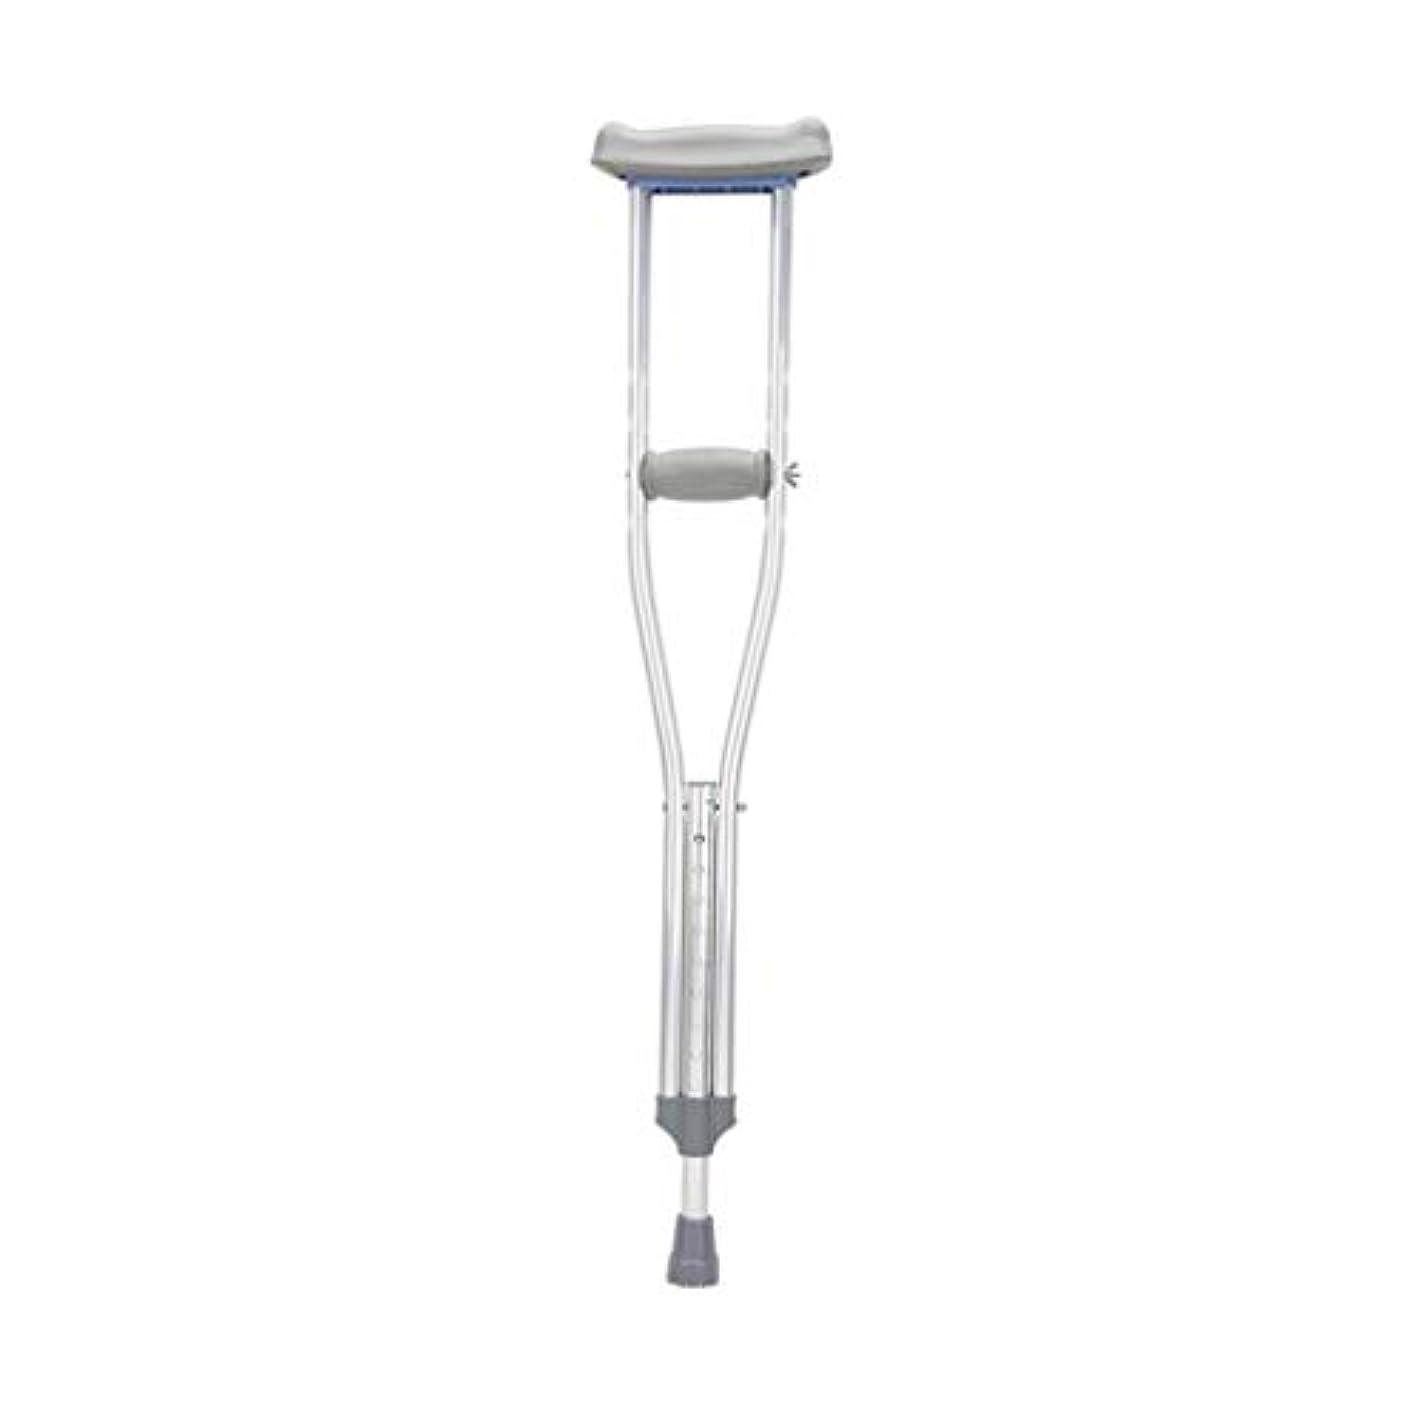 背骨ズボン人生を作る軽量調節可能なアルミ製松葉杖、ミディアムアダルト (Color : A, Size : Height135-154cm)